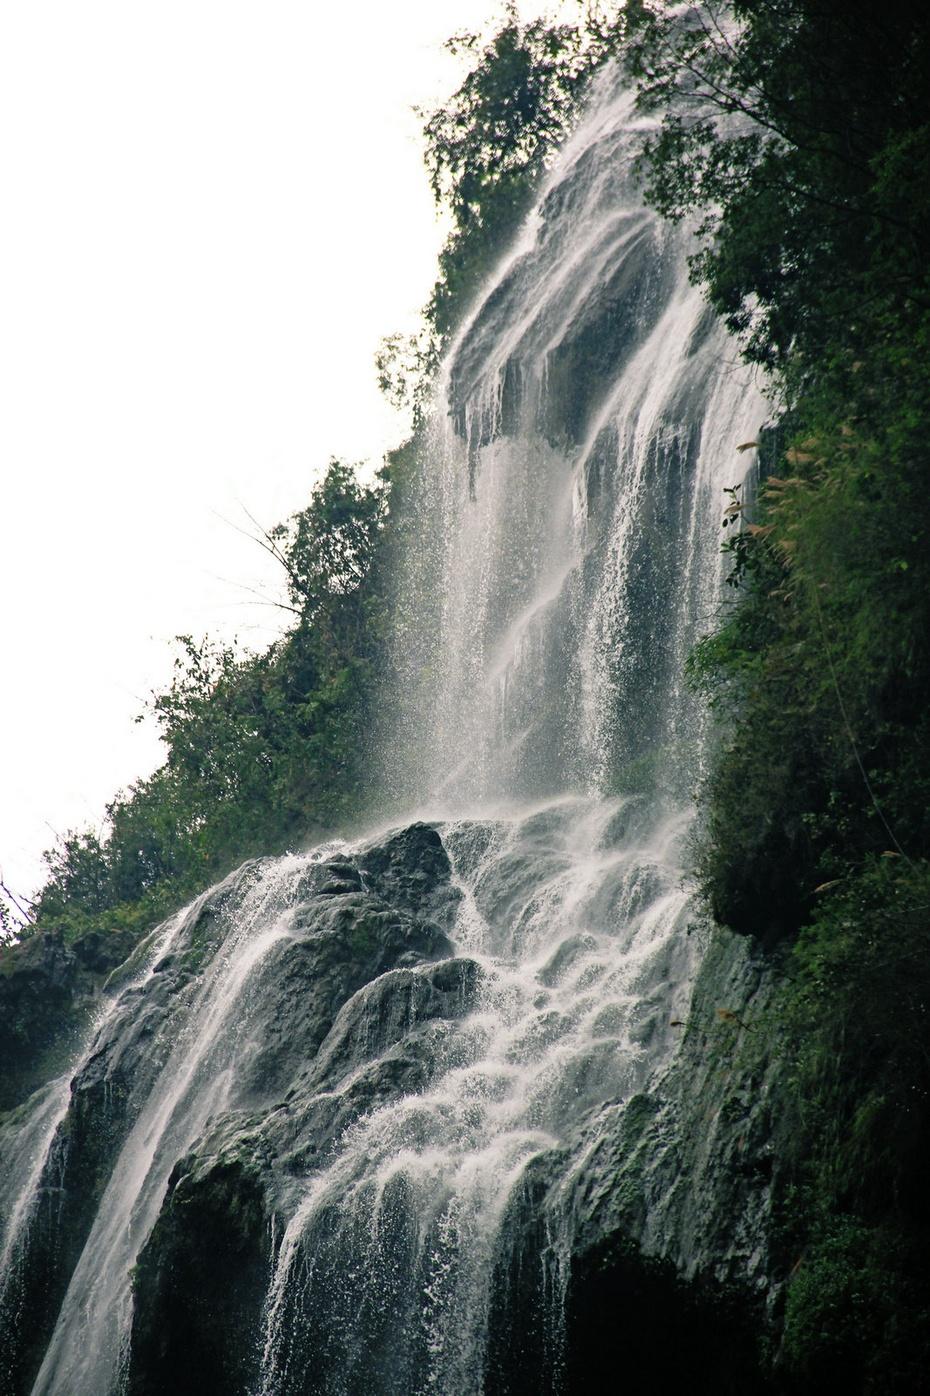 马岭河游大峡谷,激流轻纱看瀑布—早春云贵游之十五 - 侠义客 - 伊大成 的博客